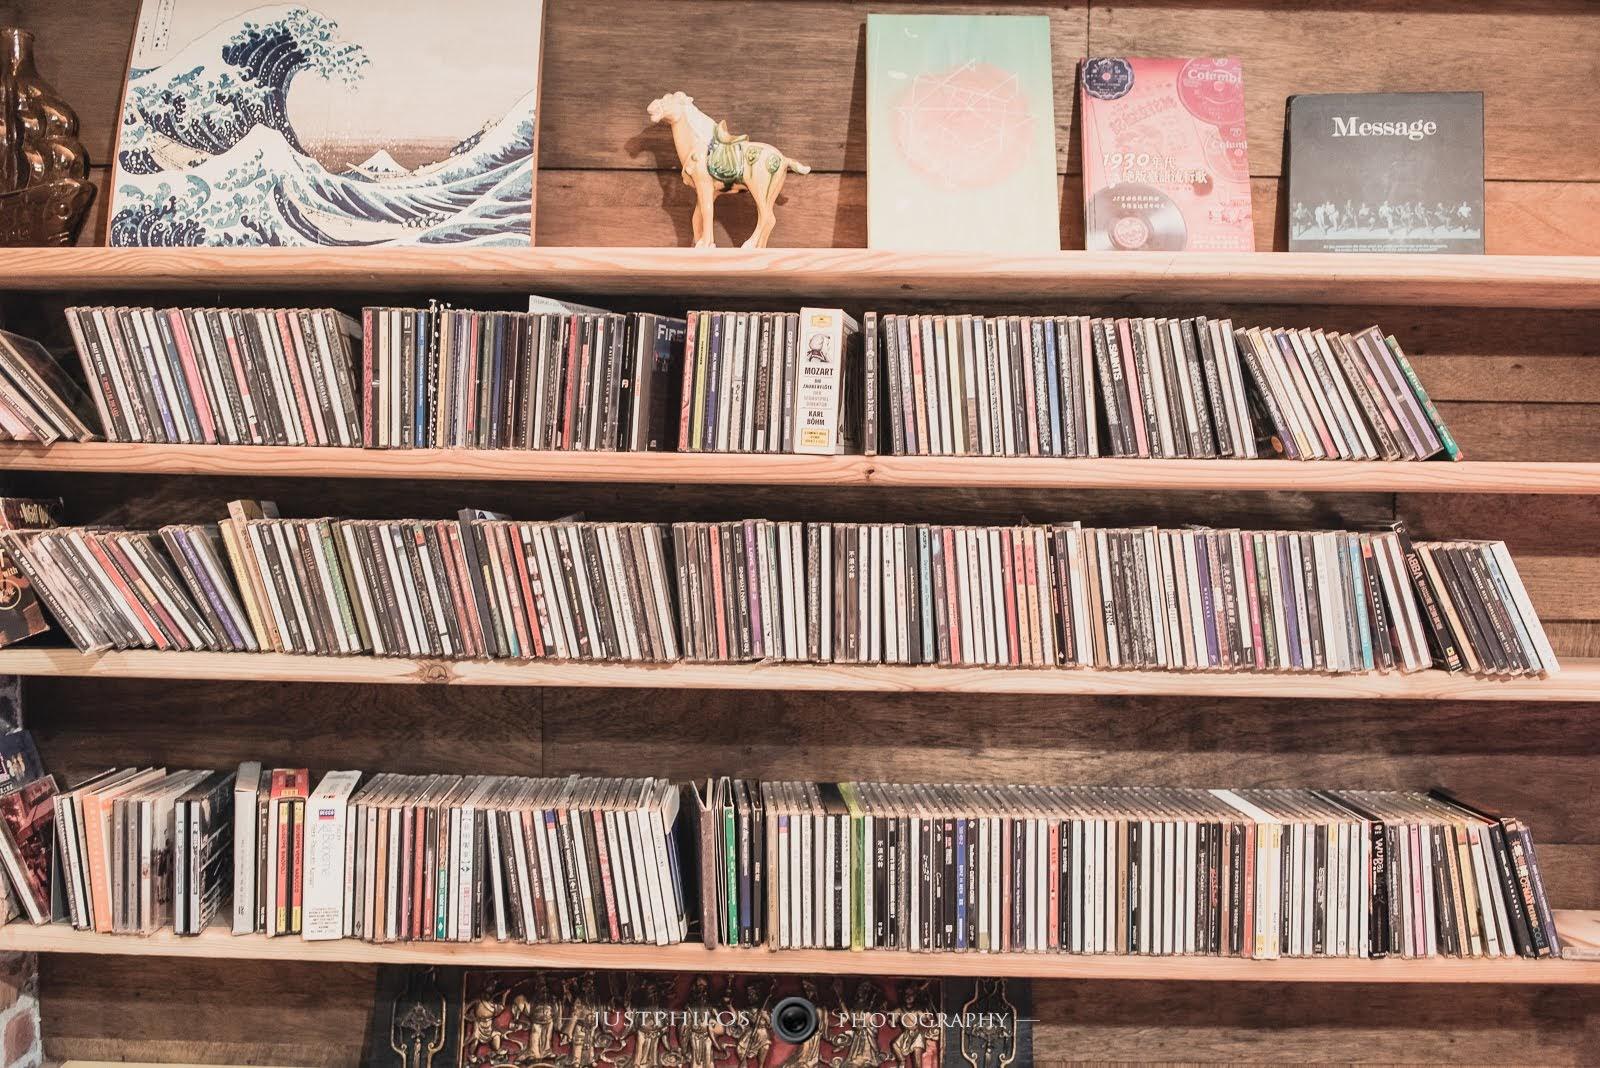 民宿的架上有許多六七年級生年代的歌曲,搭配民宿內的音響設備播放,彷彿來段回味童年時代之旅。